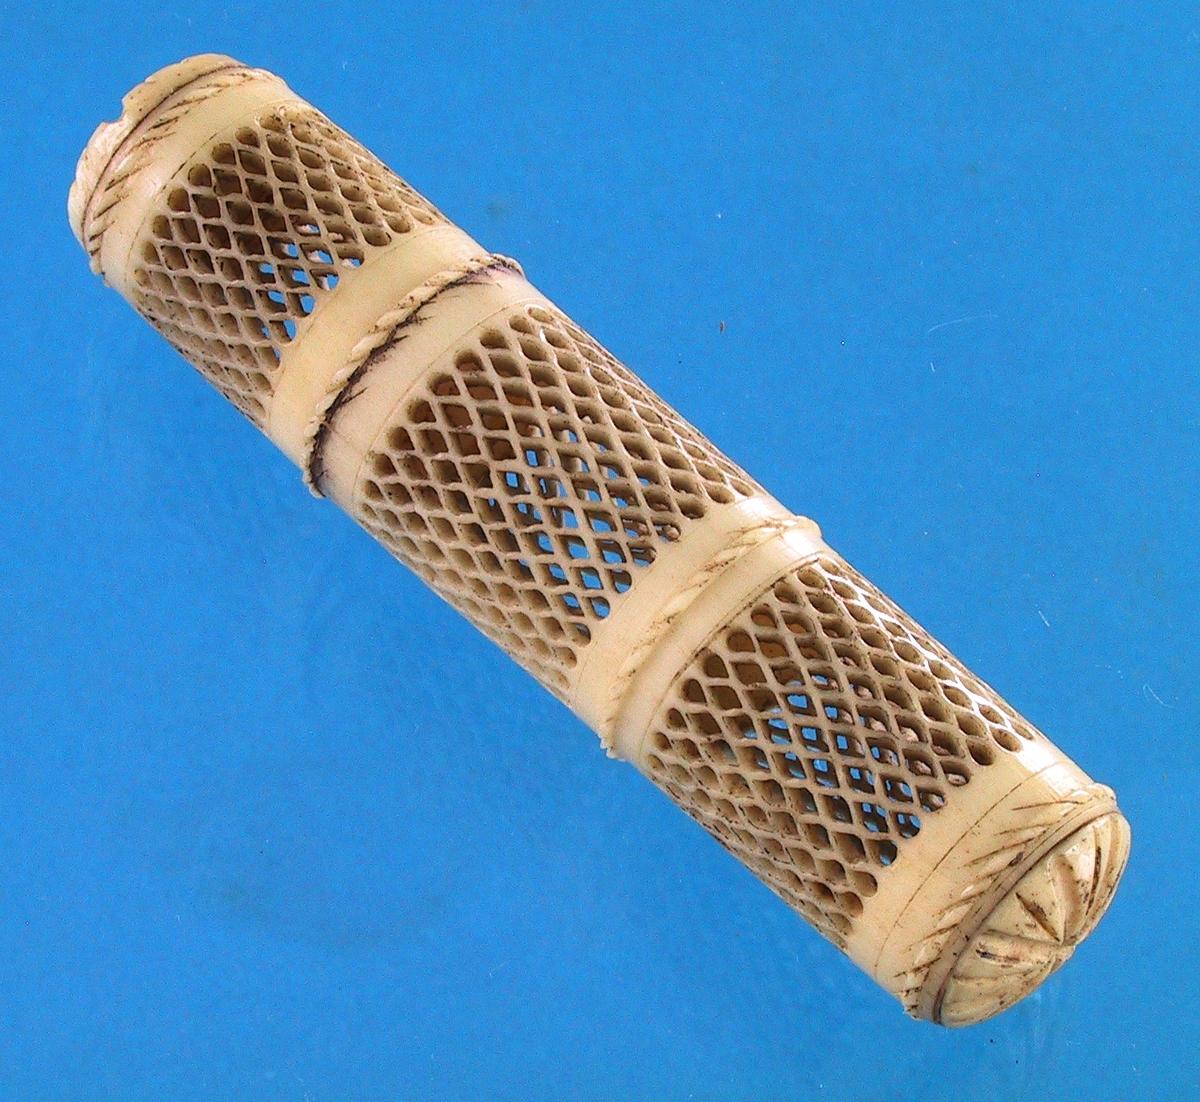 Lusefelle (loppefelle). Ben, utskåret. Sylinder med tre brede felt av åpne ruter, mellom disse en smal snodd bord, i endene svakt hvelvede rosetter. Den ene tredjedel kan skrus av.